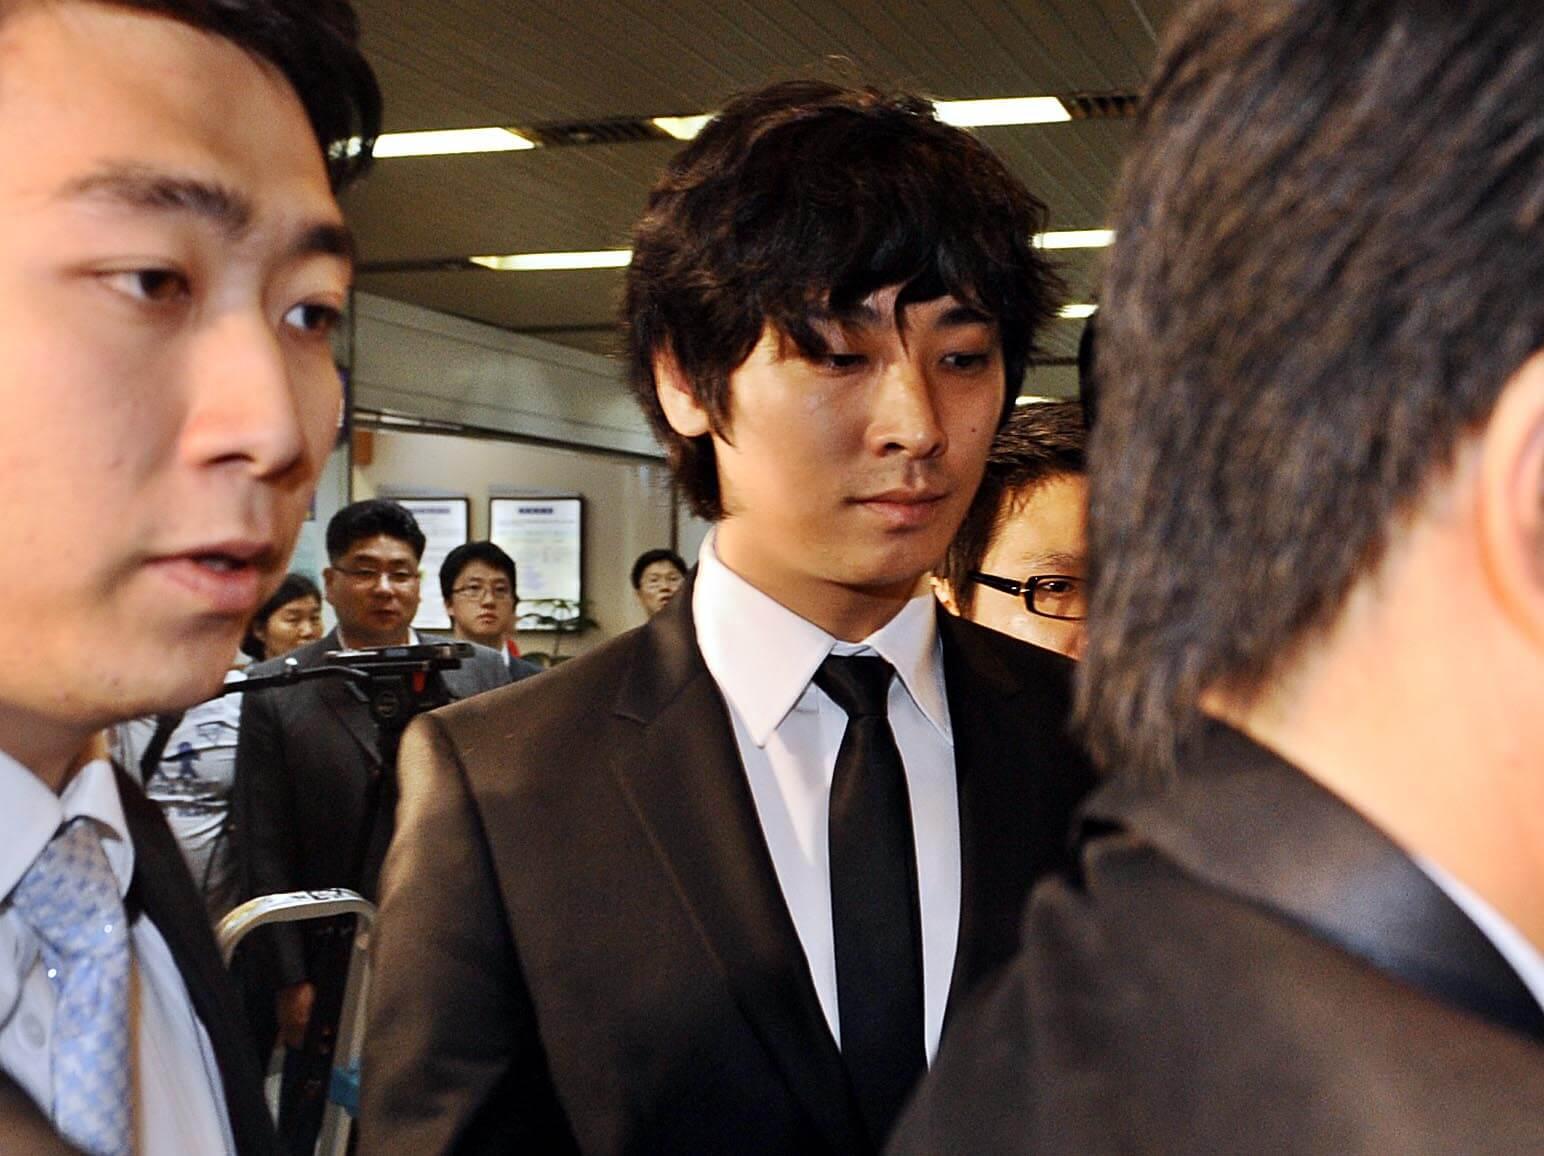 朱智勛吸毒案轟動一時,法官念他在好奇心驅使下初犯而輕判。